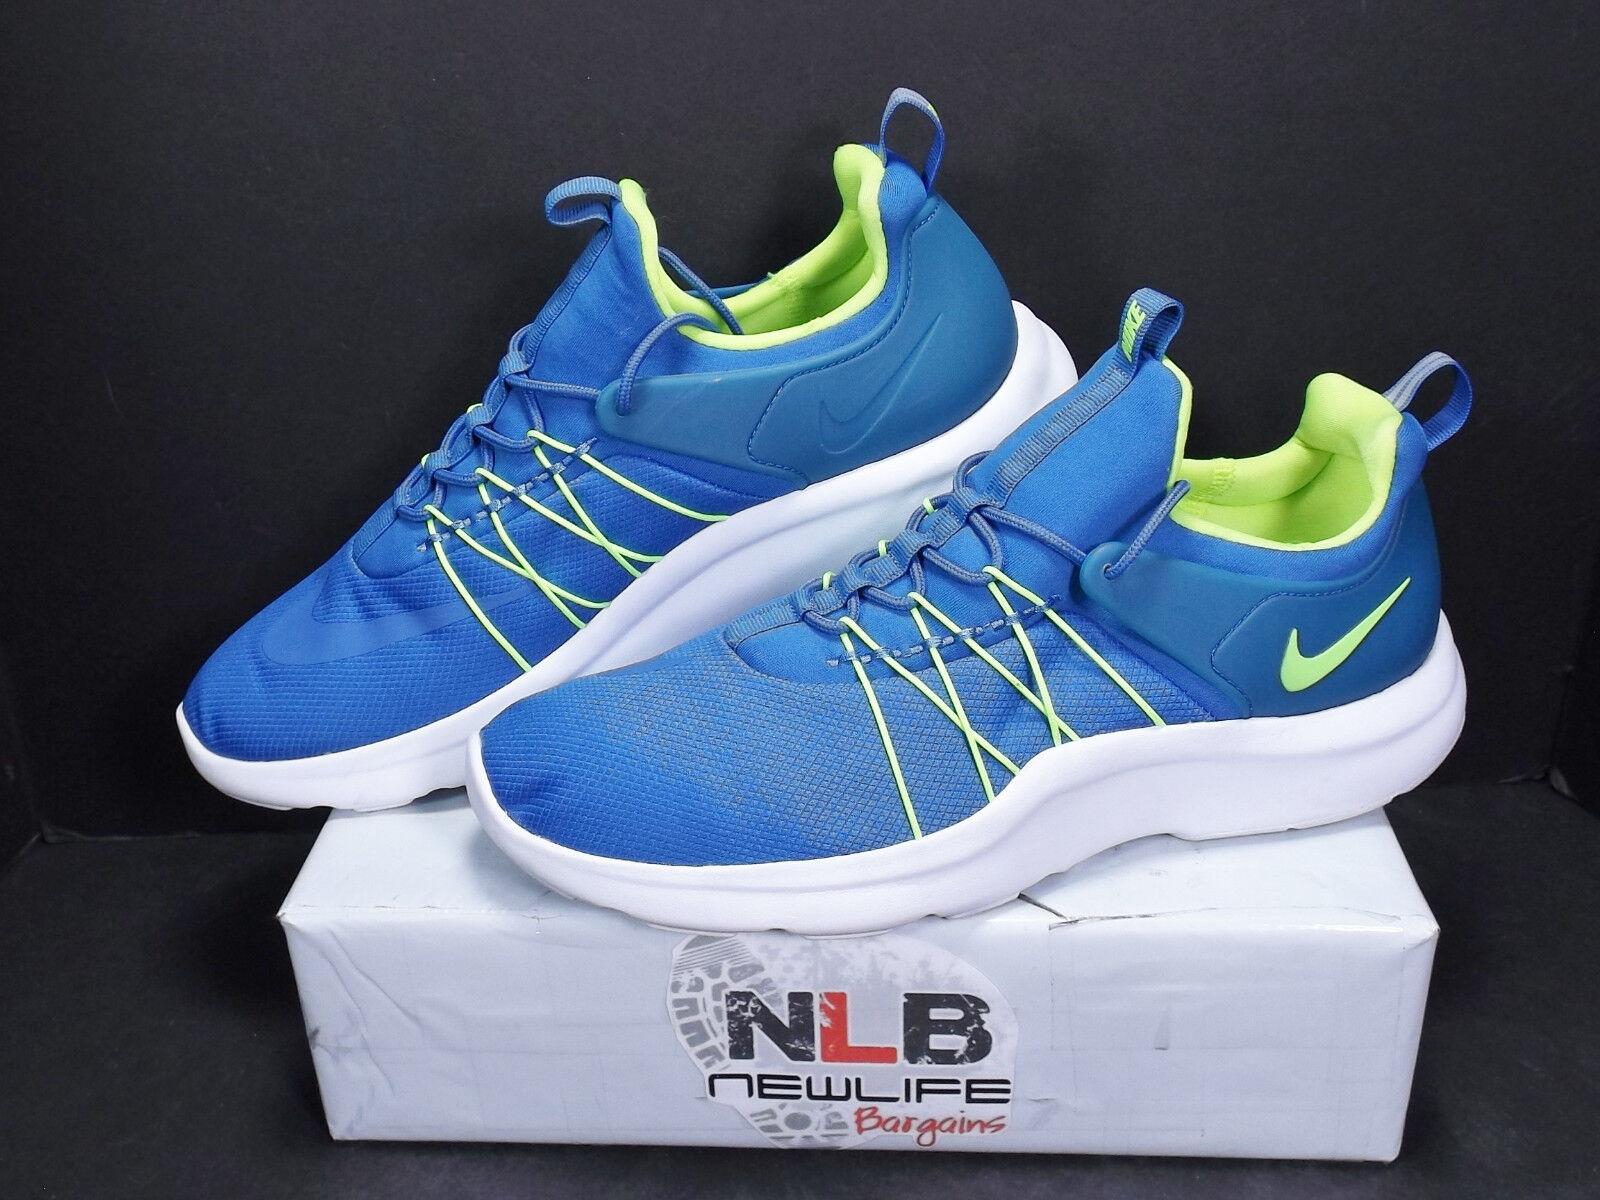 Nike Darwin zapatos casuales 819803-447 estrella casual azul / Volt hombres casual estrella zapatos comodos salvaje 8cc714